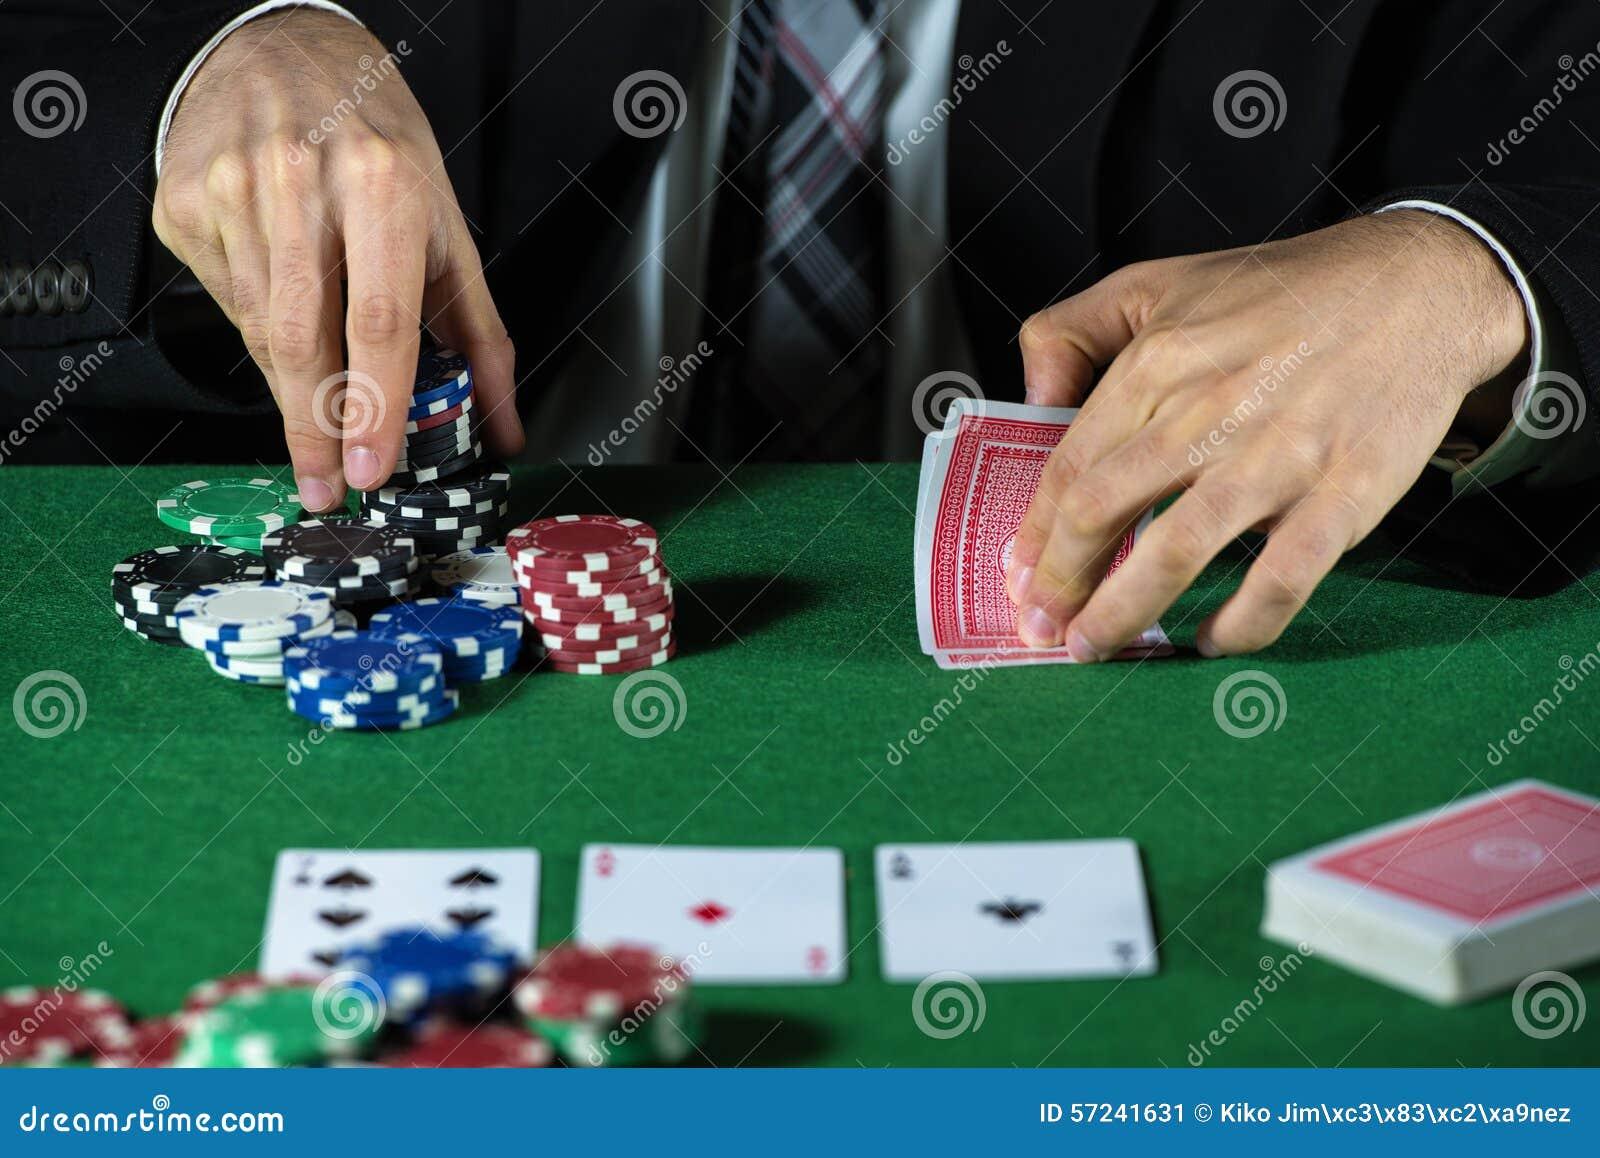 offline poker spinnt voll rum mein geld war weg